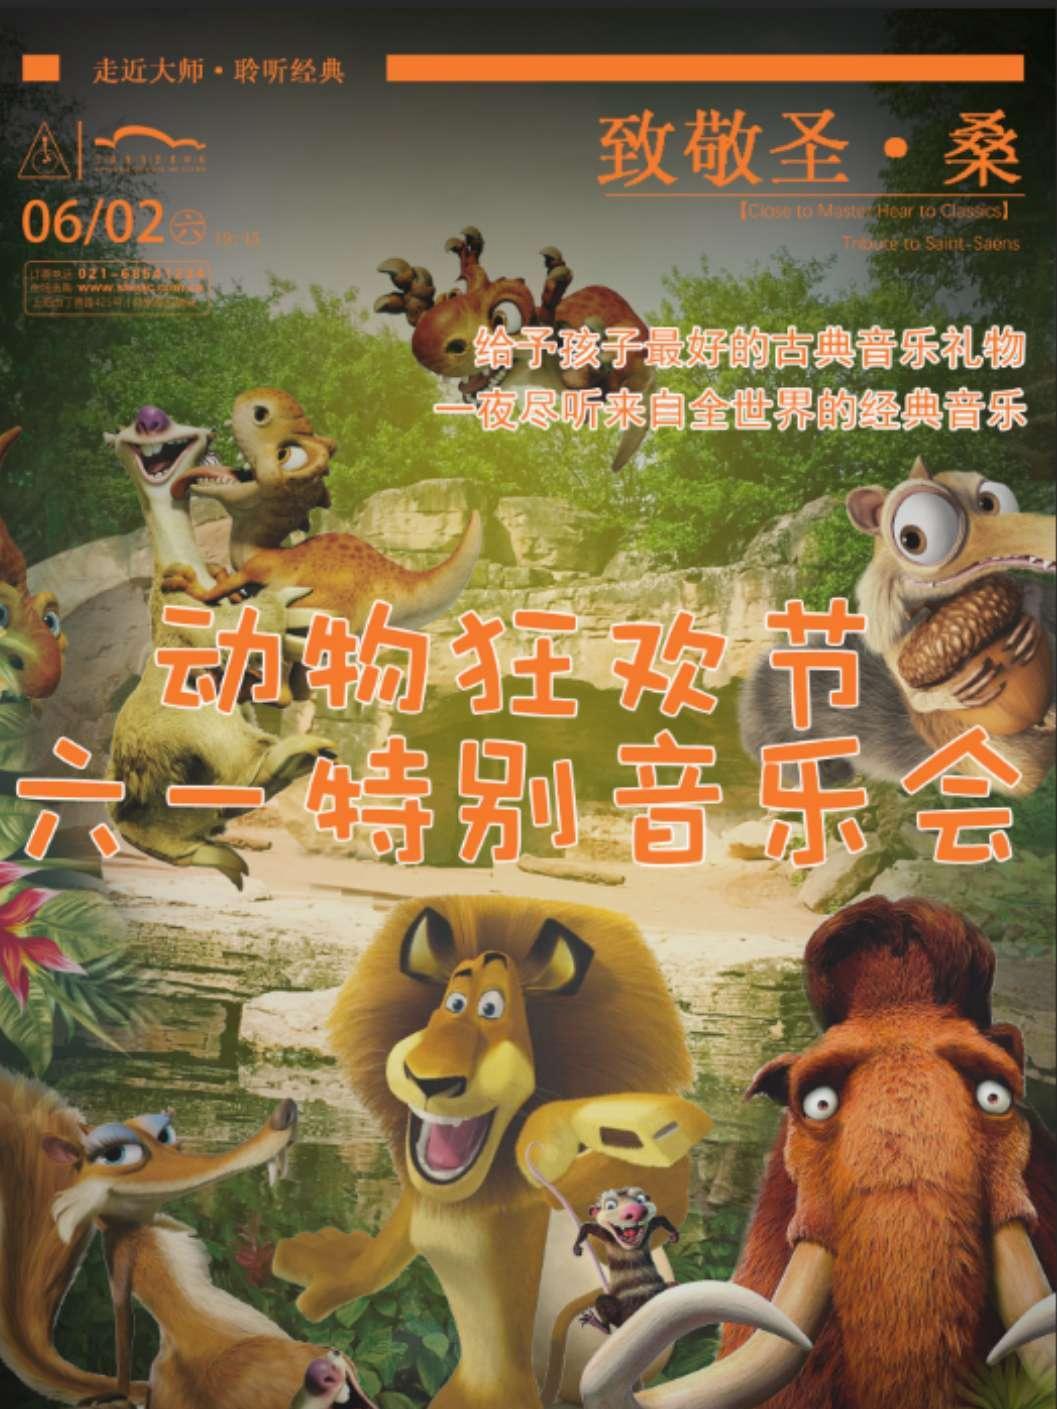 动物狂欢节六一特别音乐会